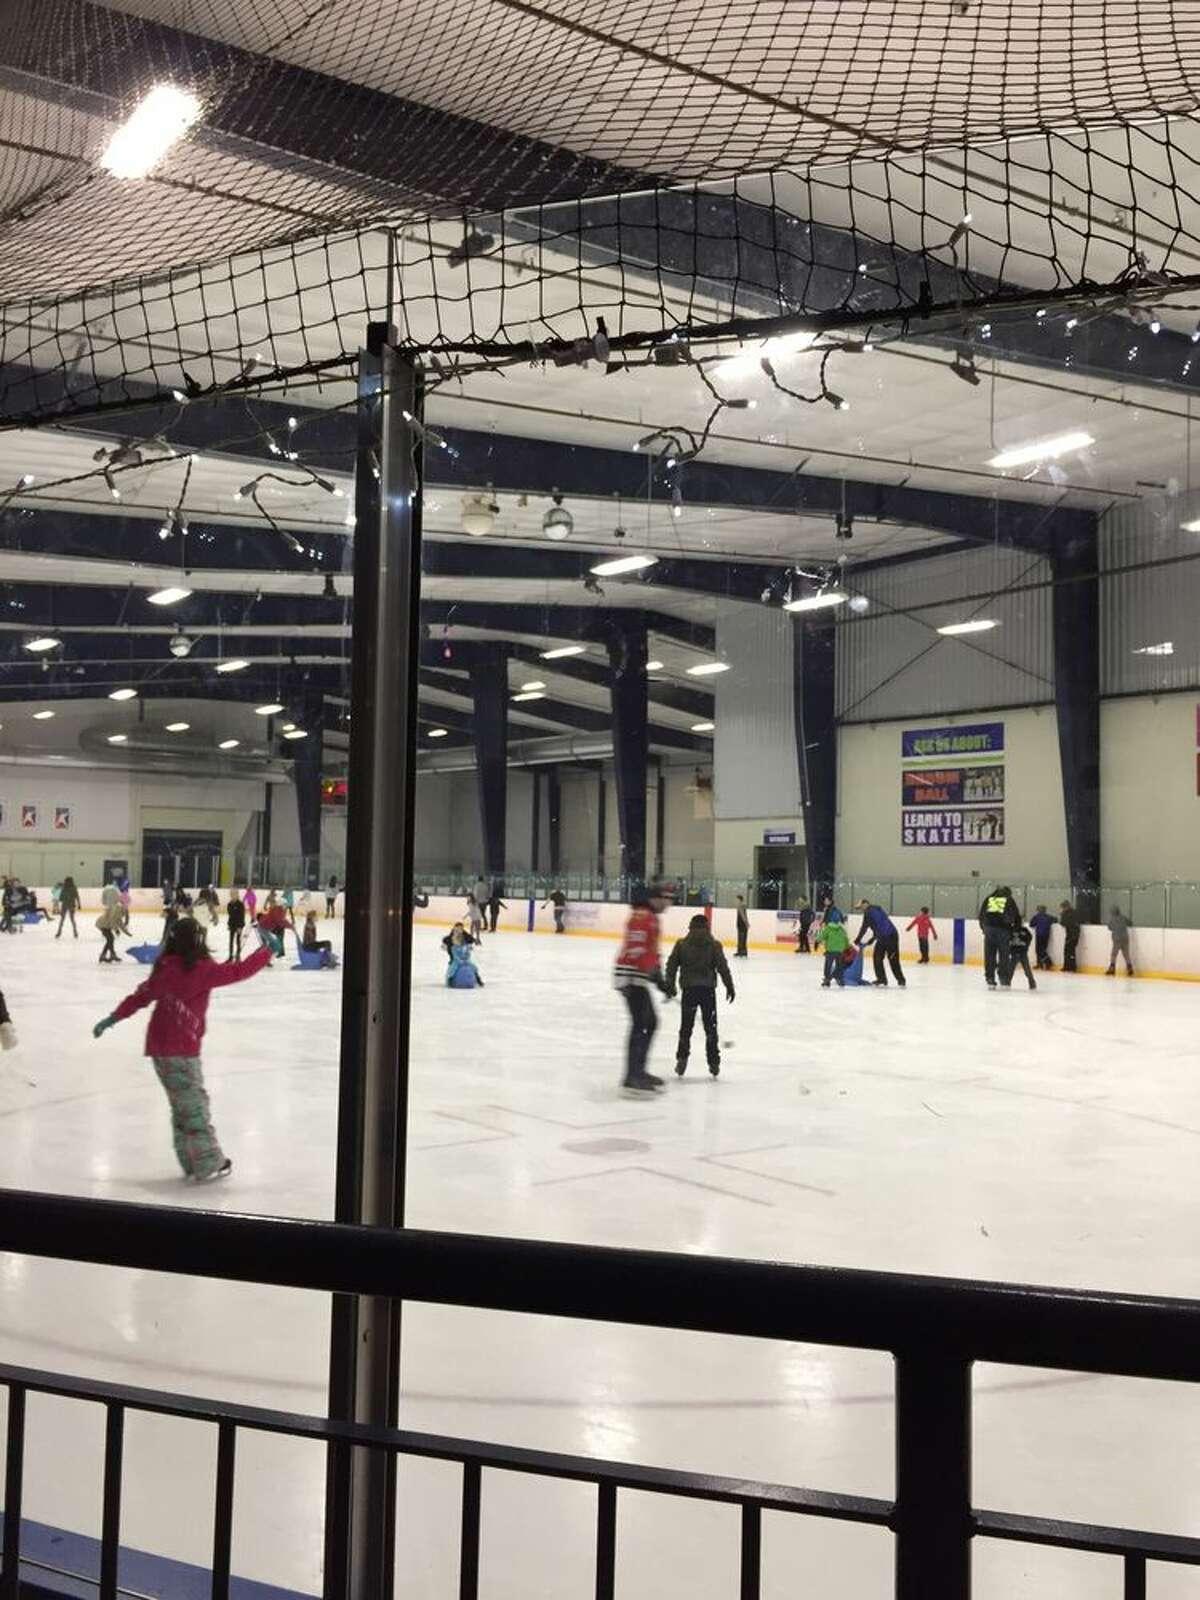 Sno King Ice Arena, Renton & Kirkland: $13